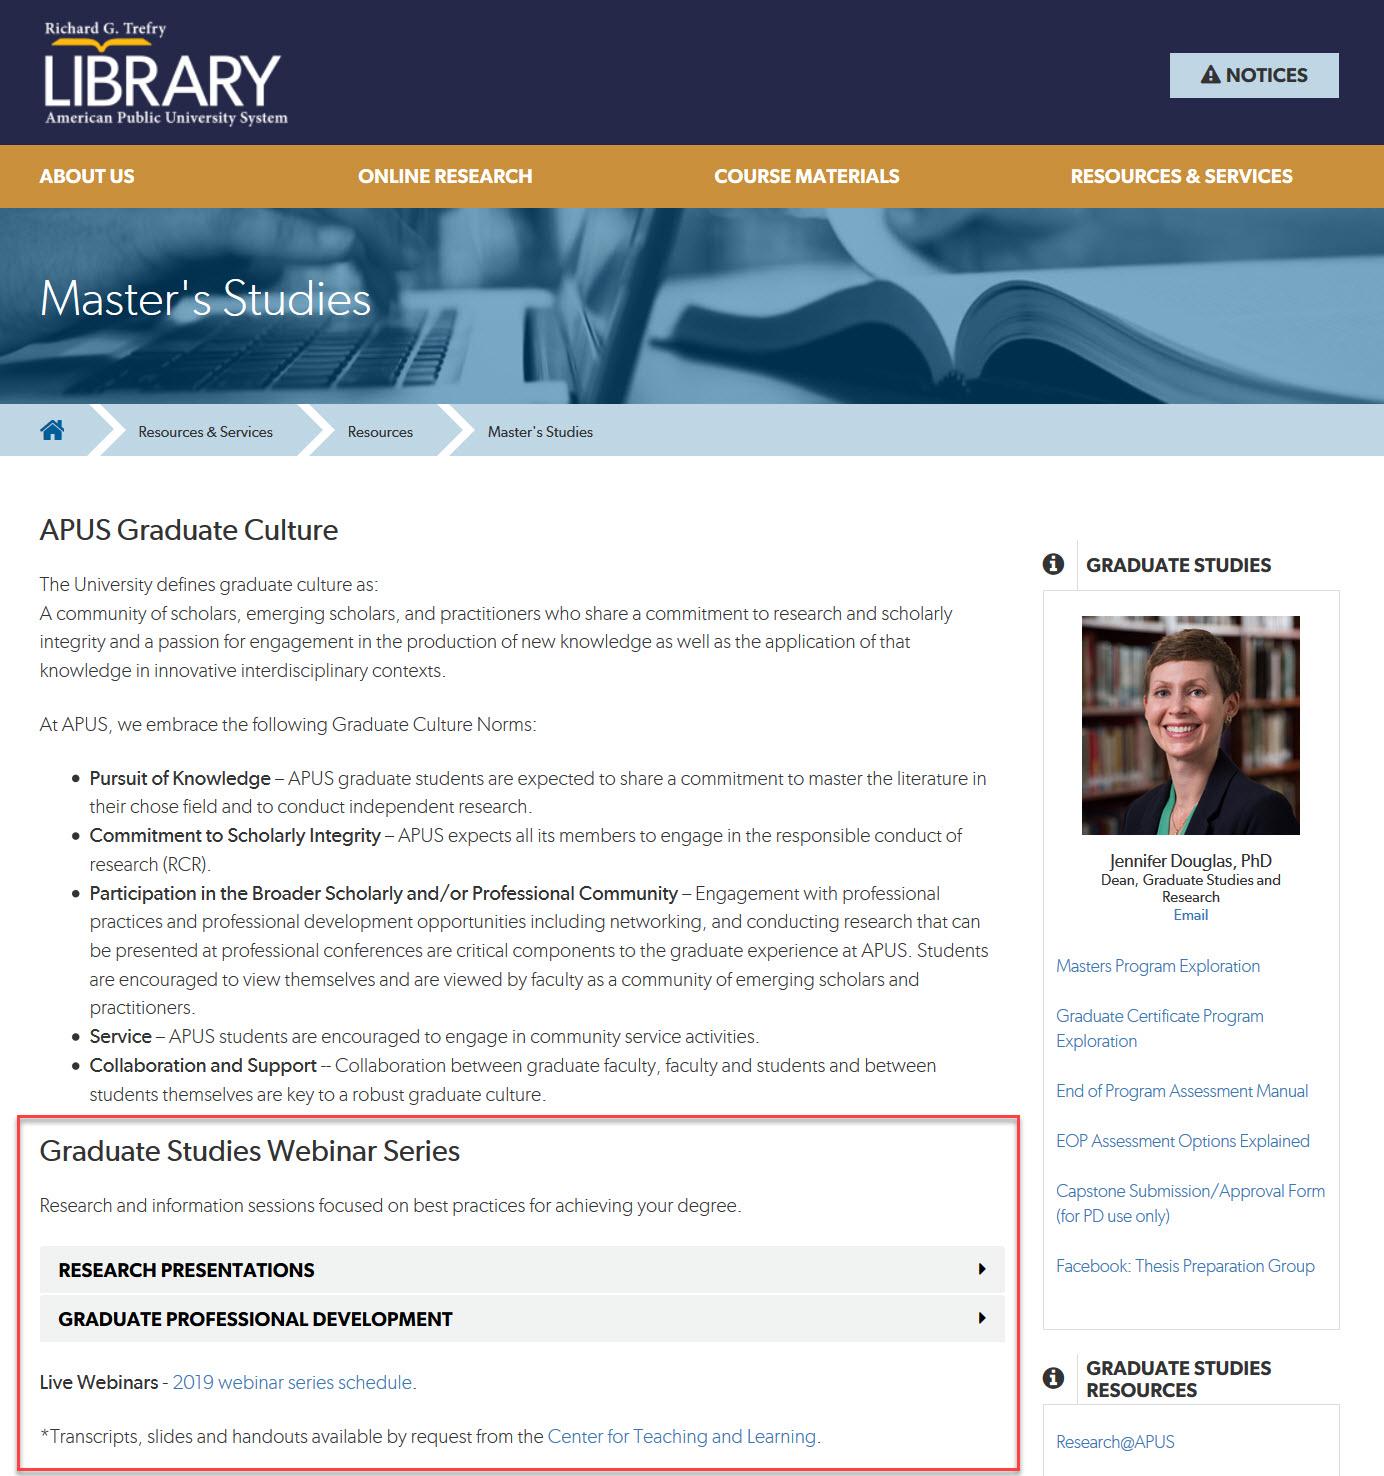 Graduate webinar recordings